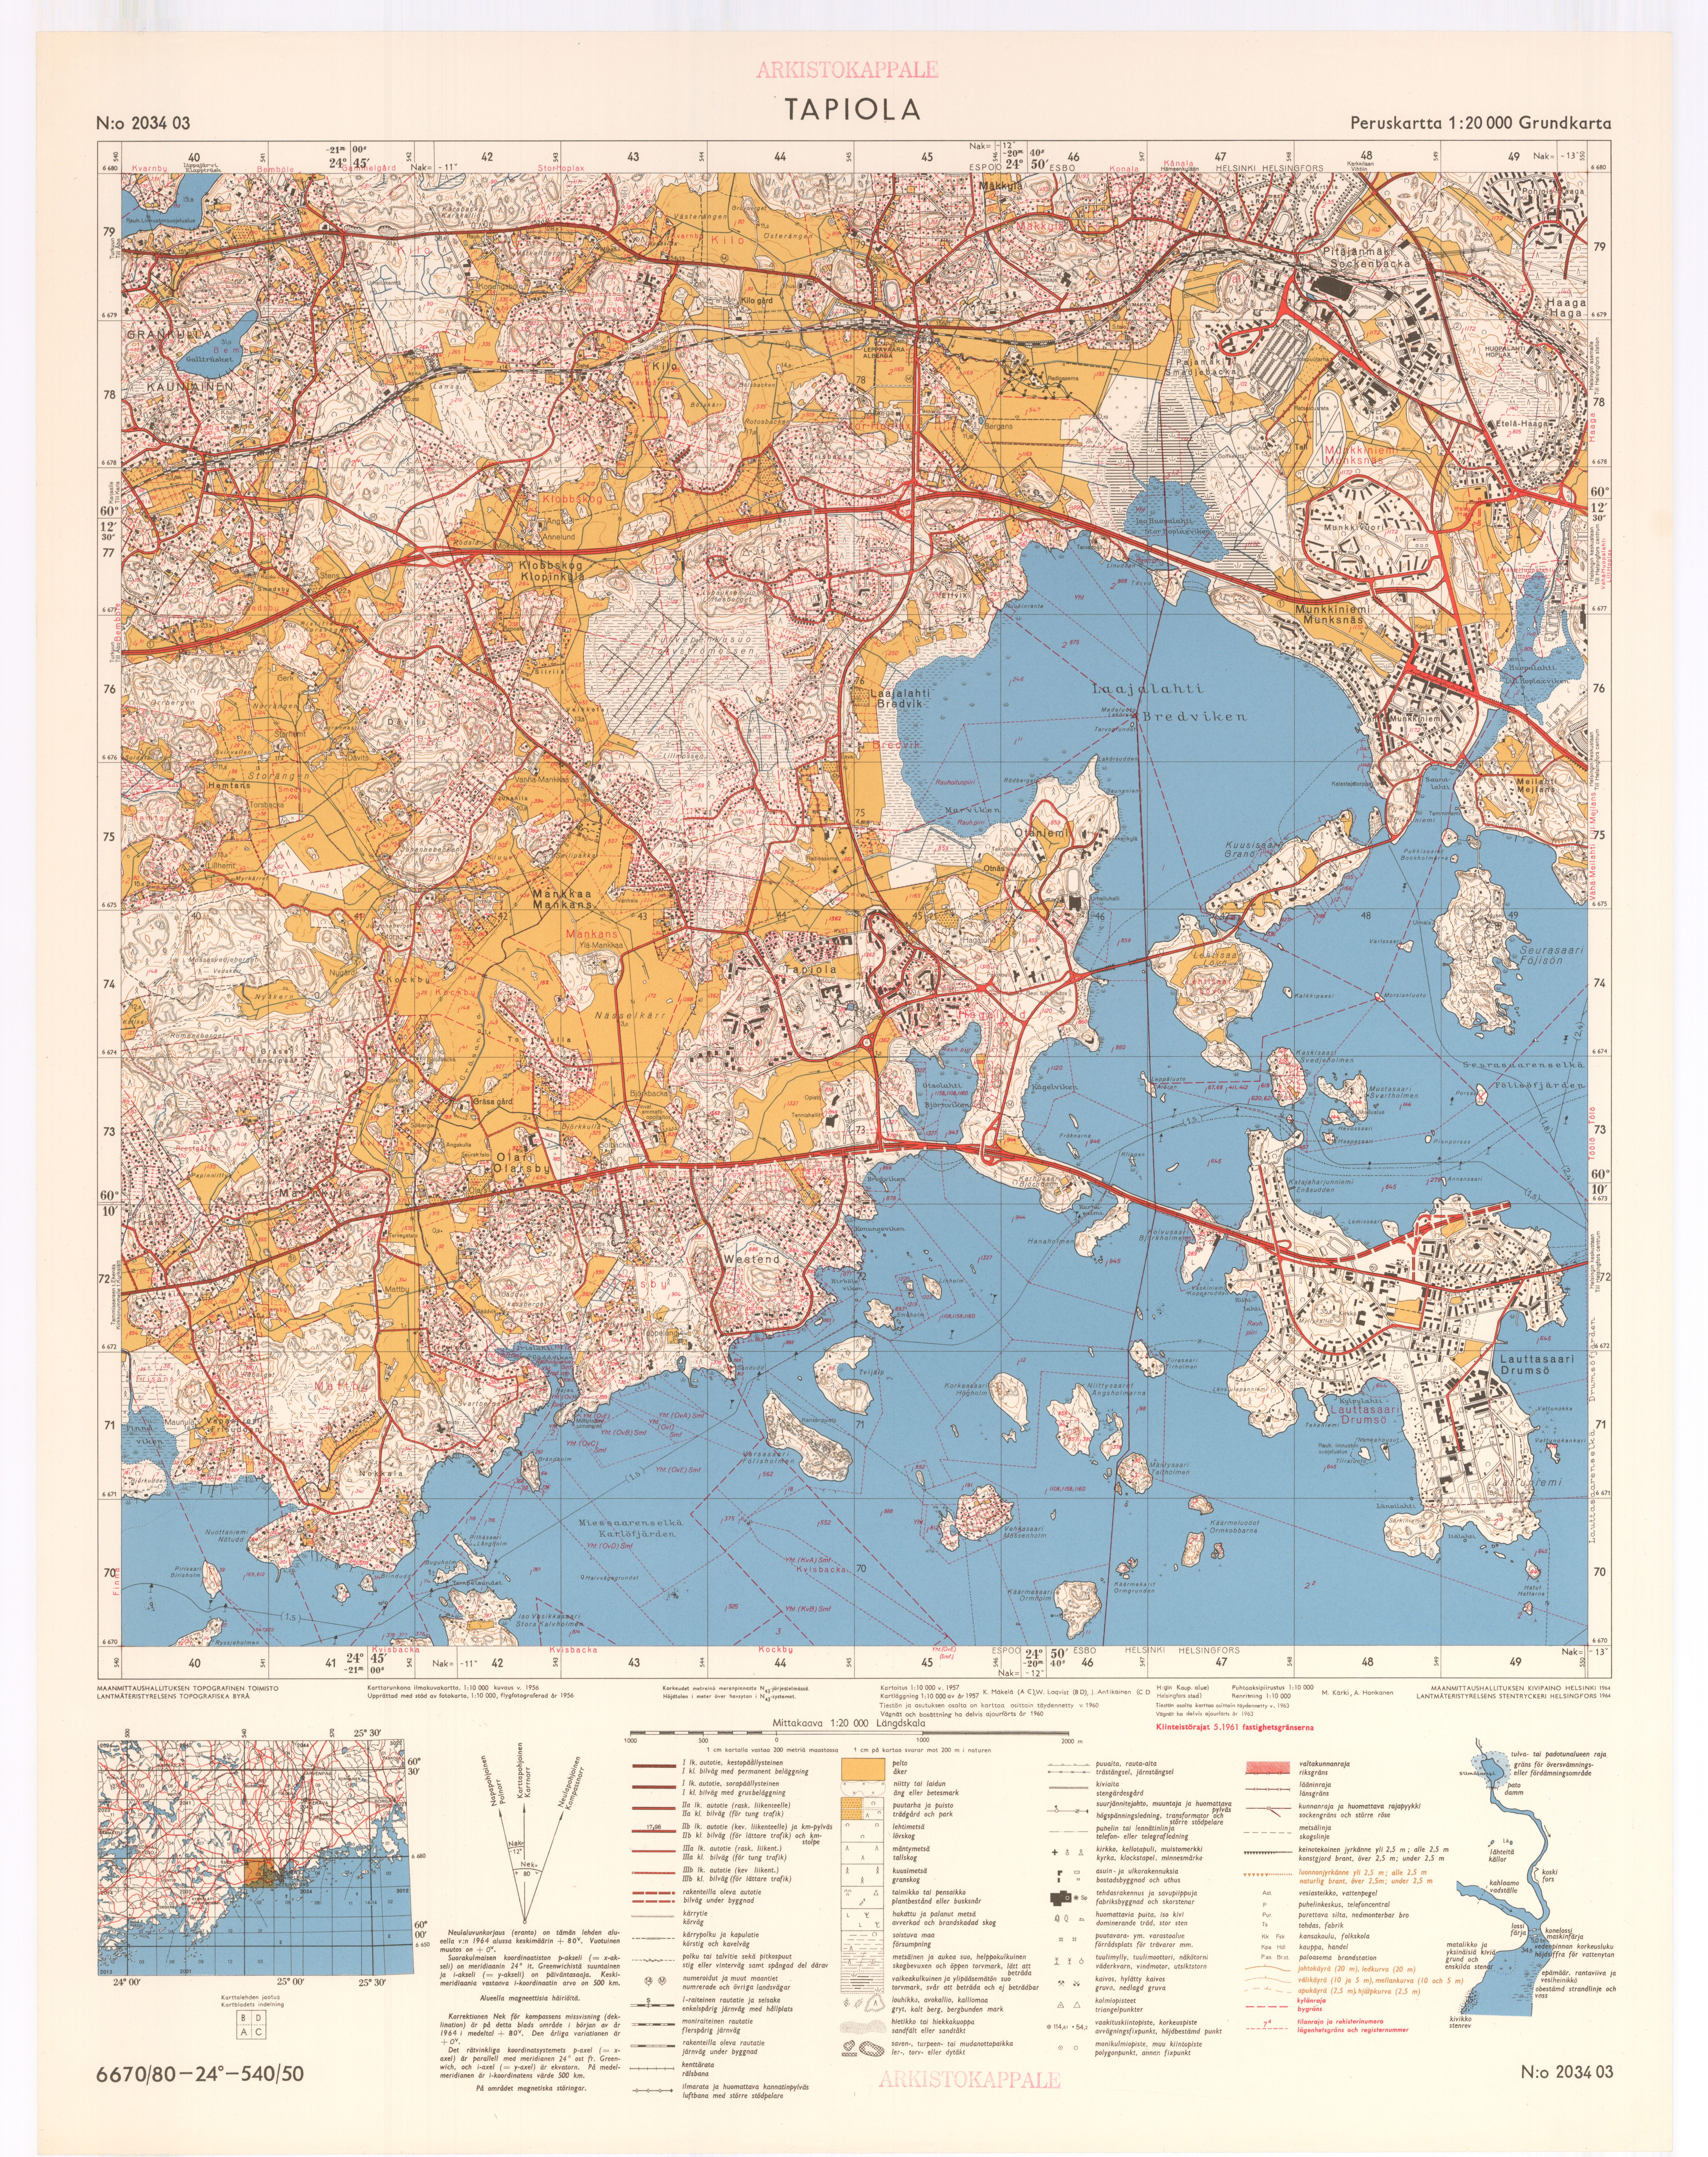 Tutustu Vanhoihin Karttoihin Talta Tapiolan Alue Naytti 1960